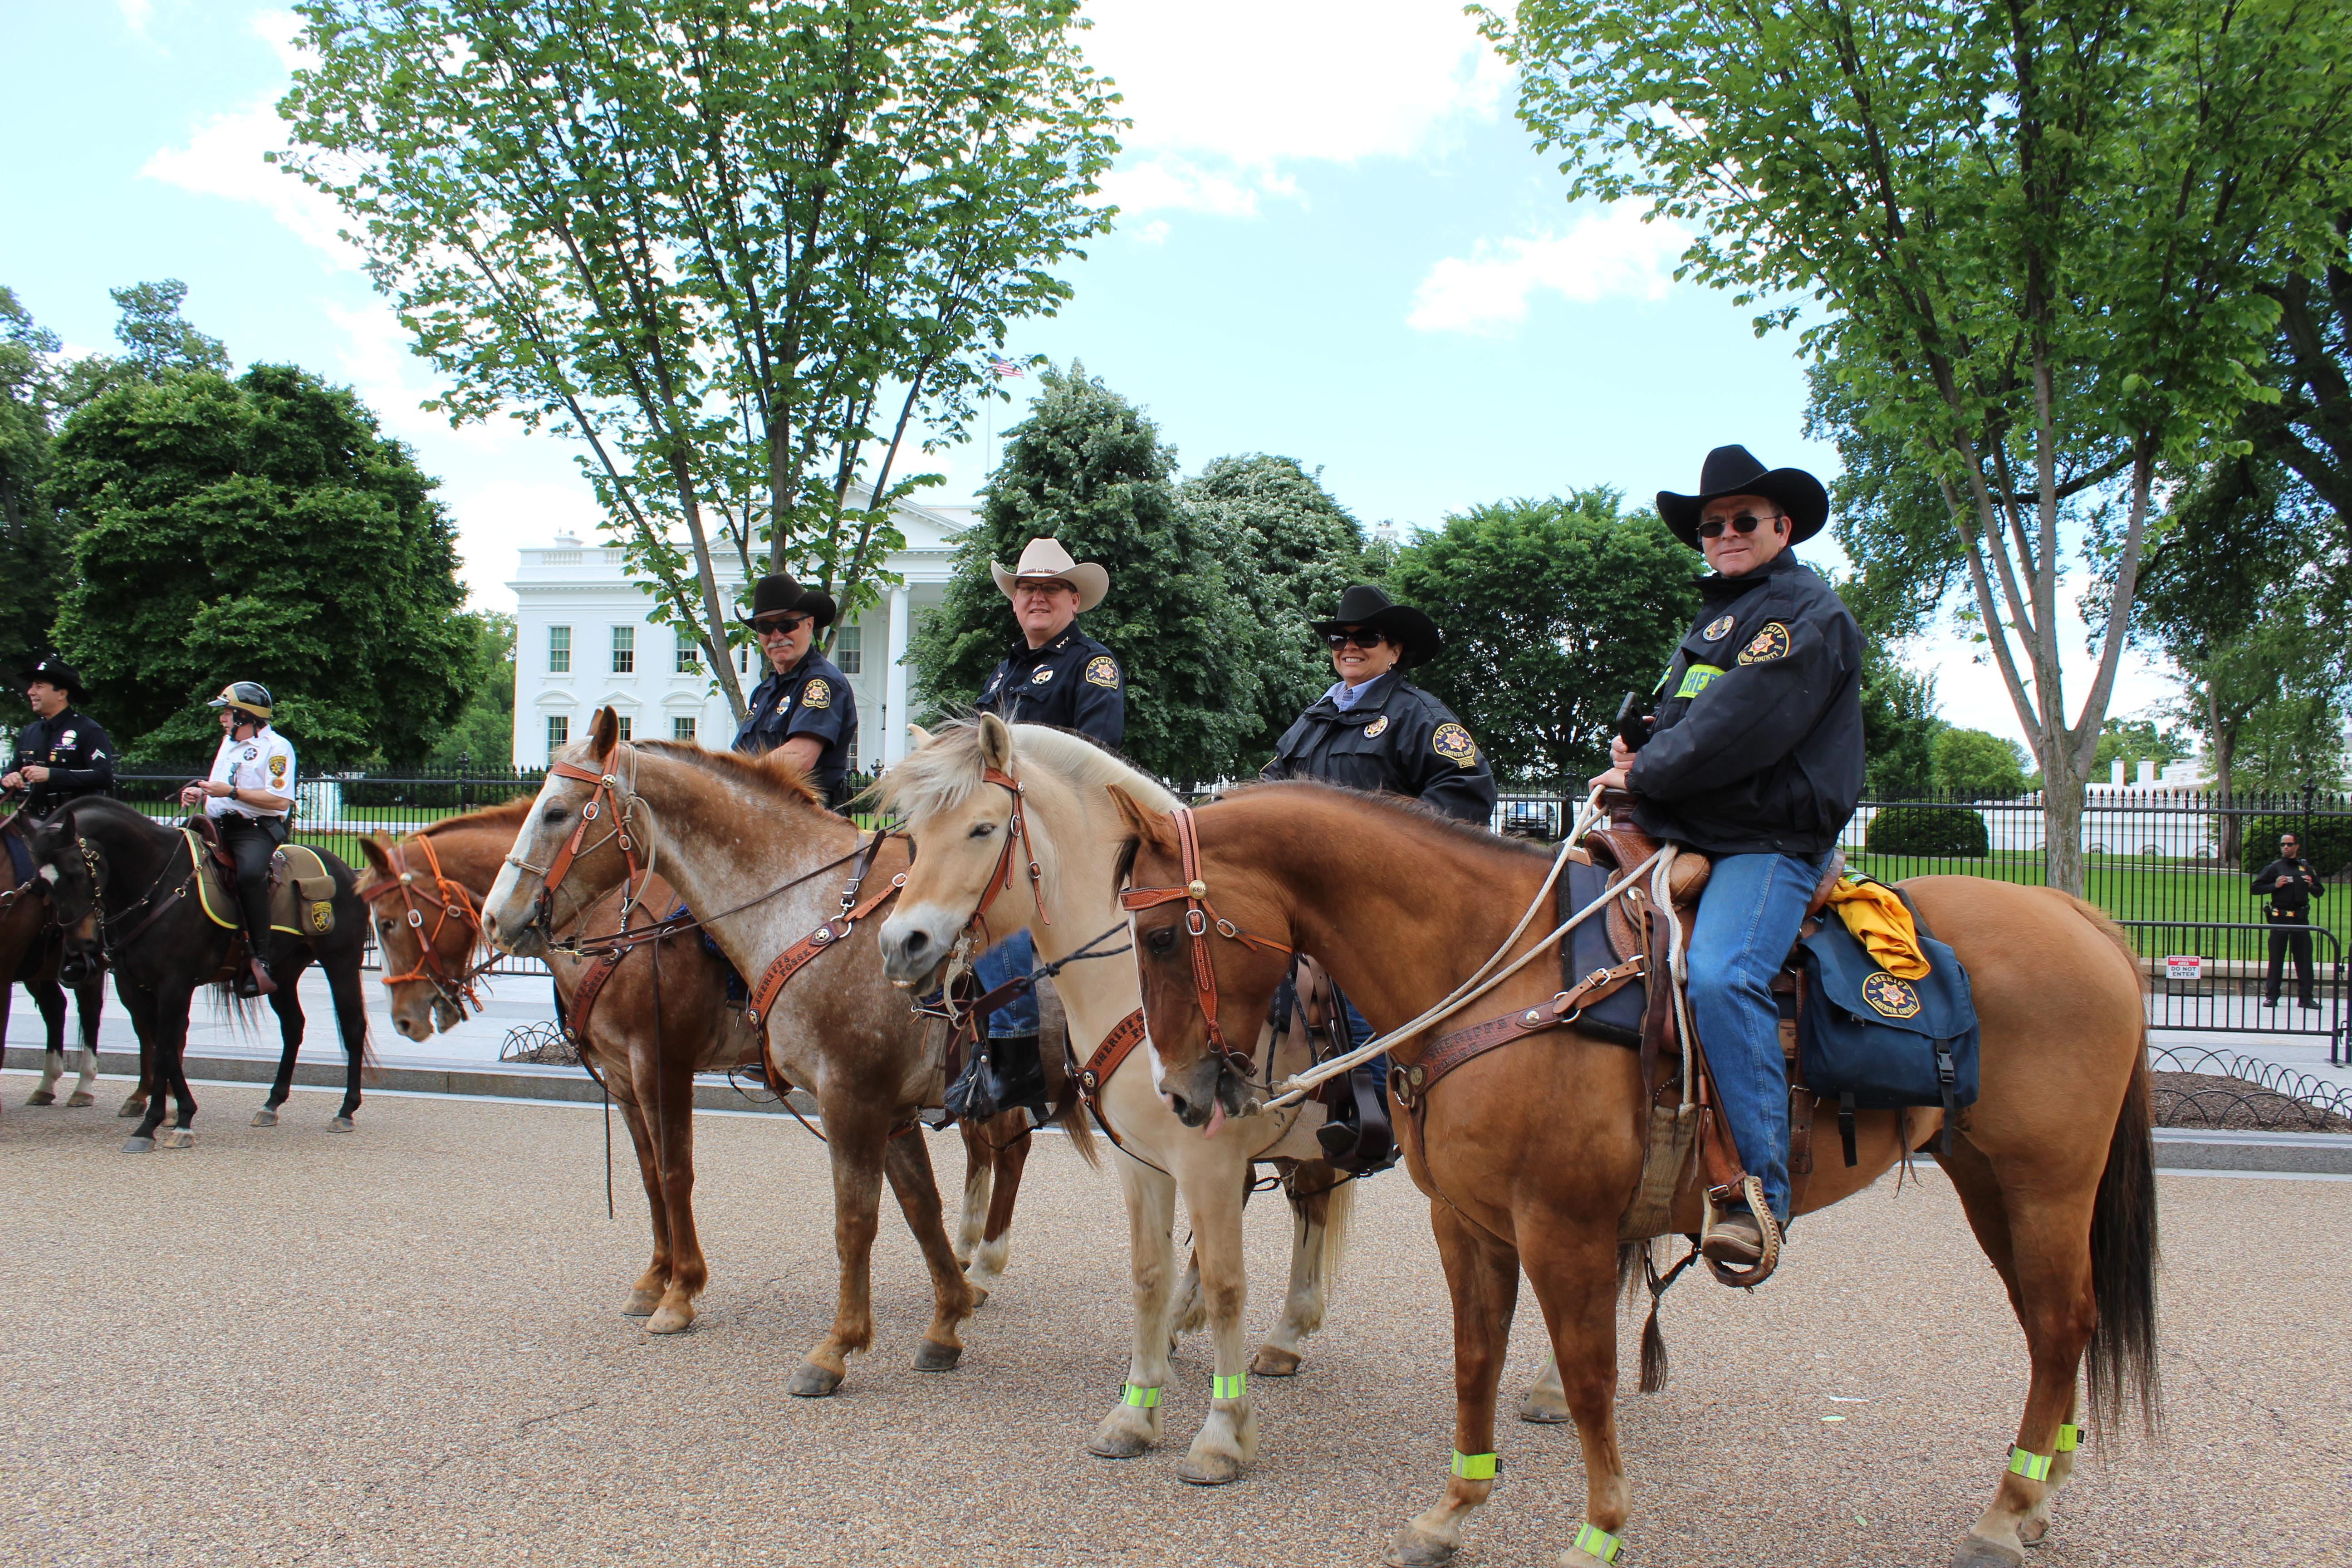 Imagen 13: Posse del Sheriff